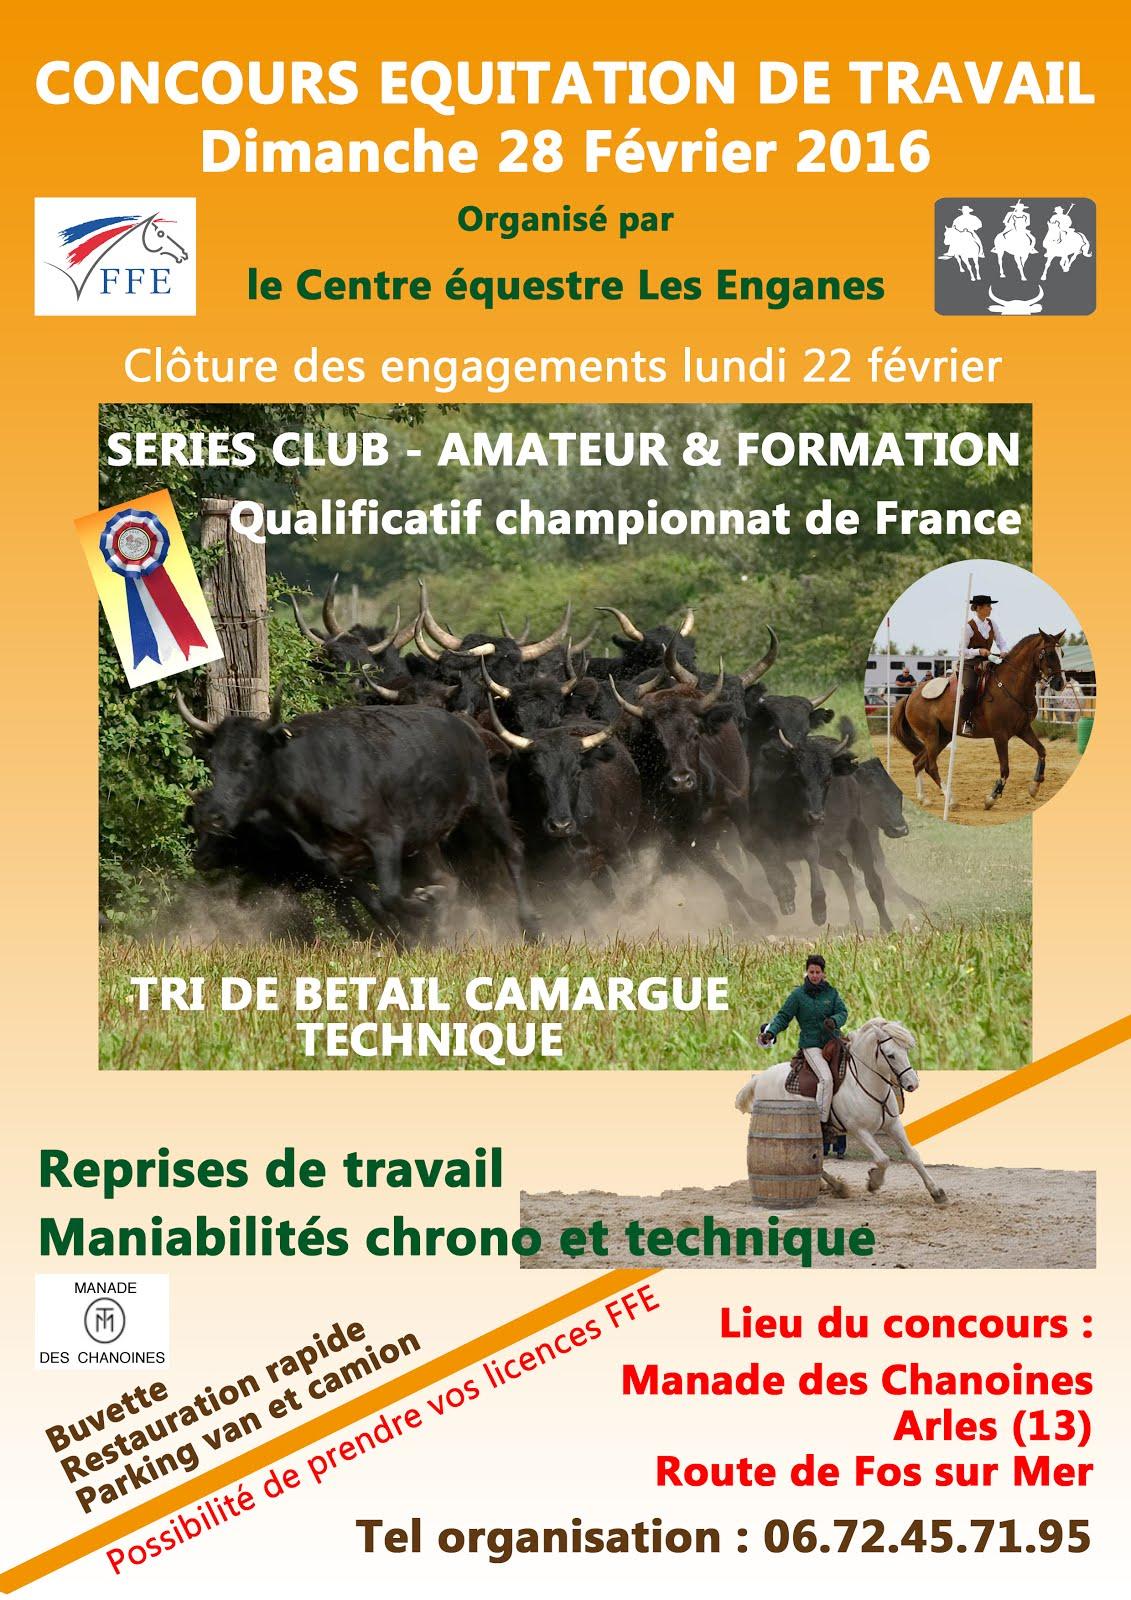 Concours équitation de travail 28 février 2016